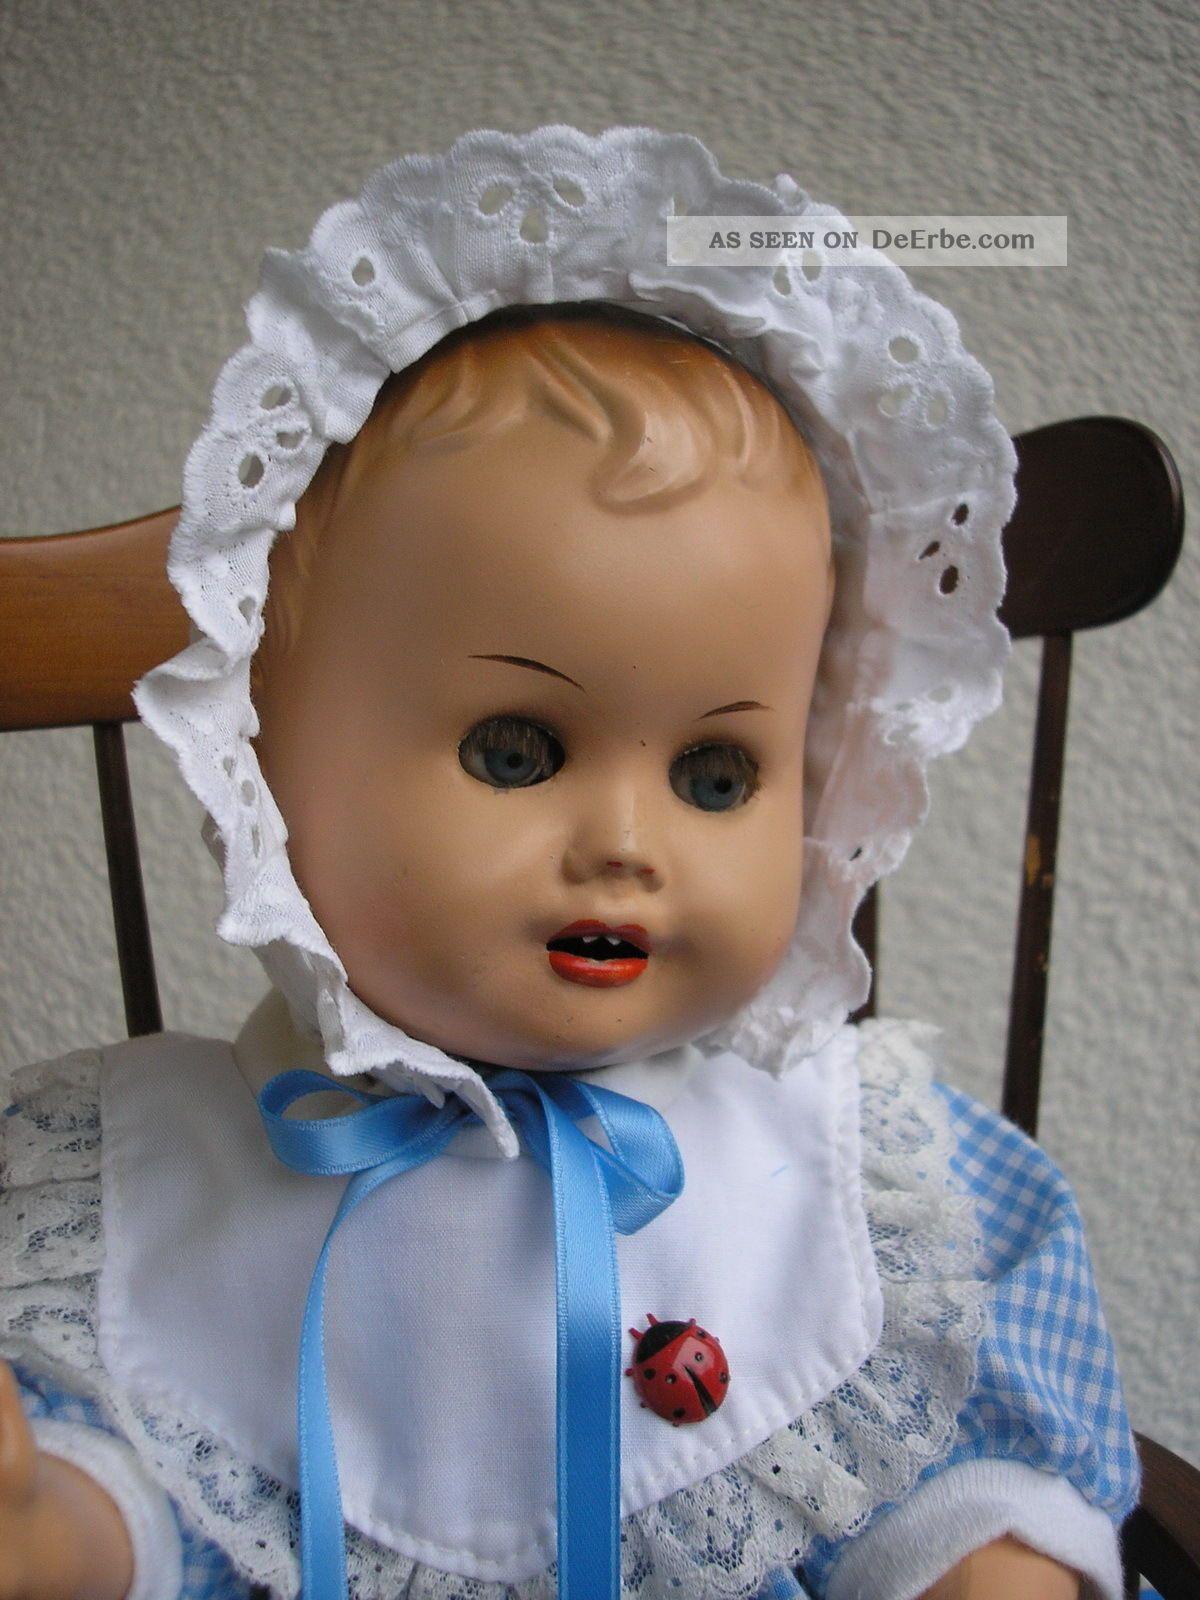 Arthur Schoenau - Sonneberg,  Entzückendes Kleines Baby Auf Einem Hochstuhl Puppen & Zubehör Bild